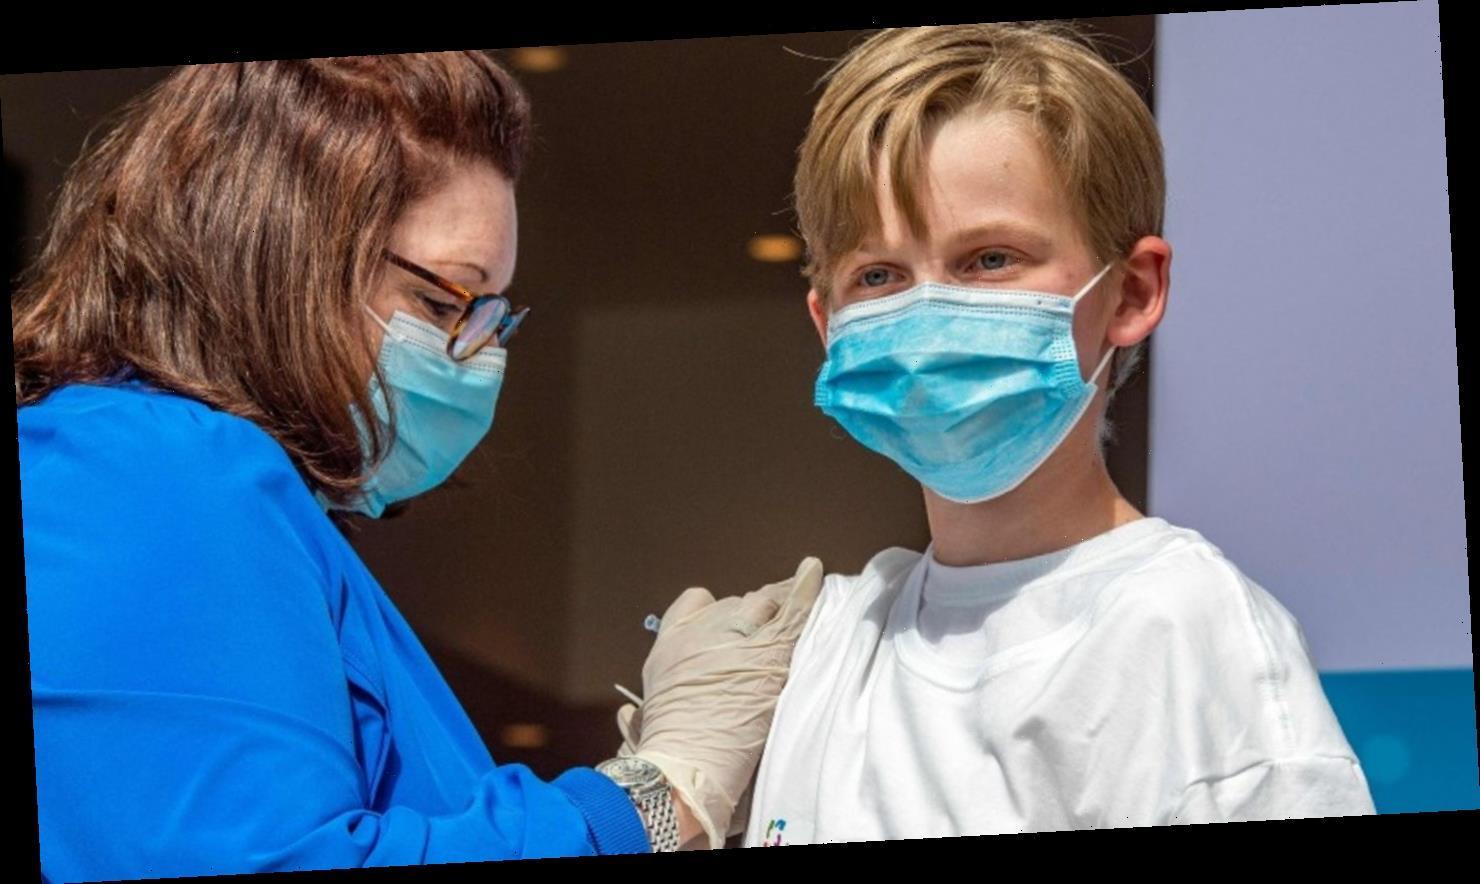 EMA gibt grünes Licht für Biontech/Pfizer-Impfstoff für Kinder ab 12 Jahren